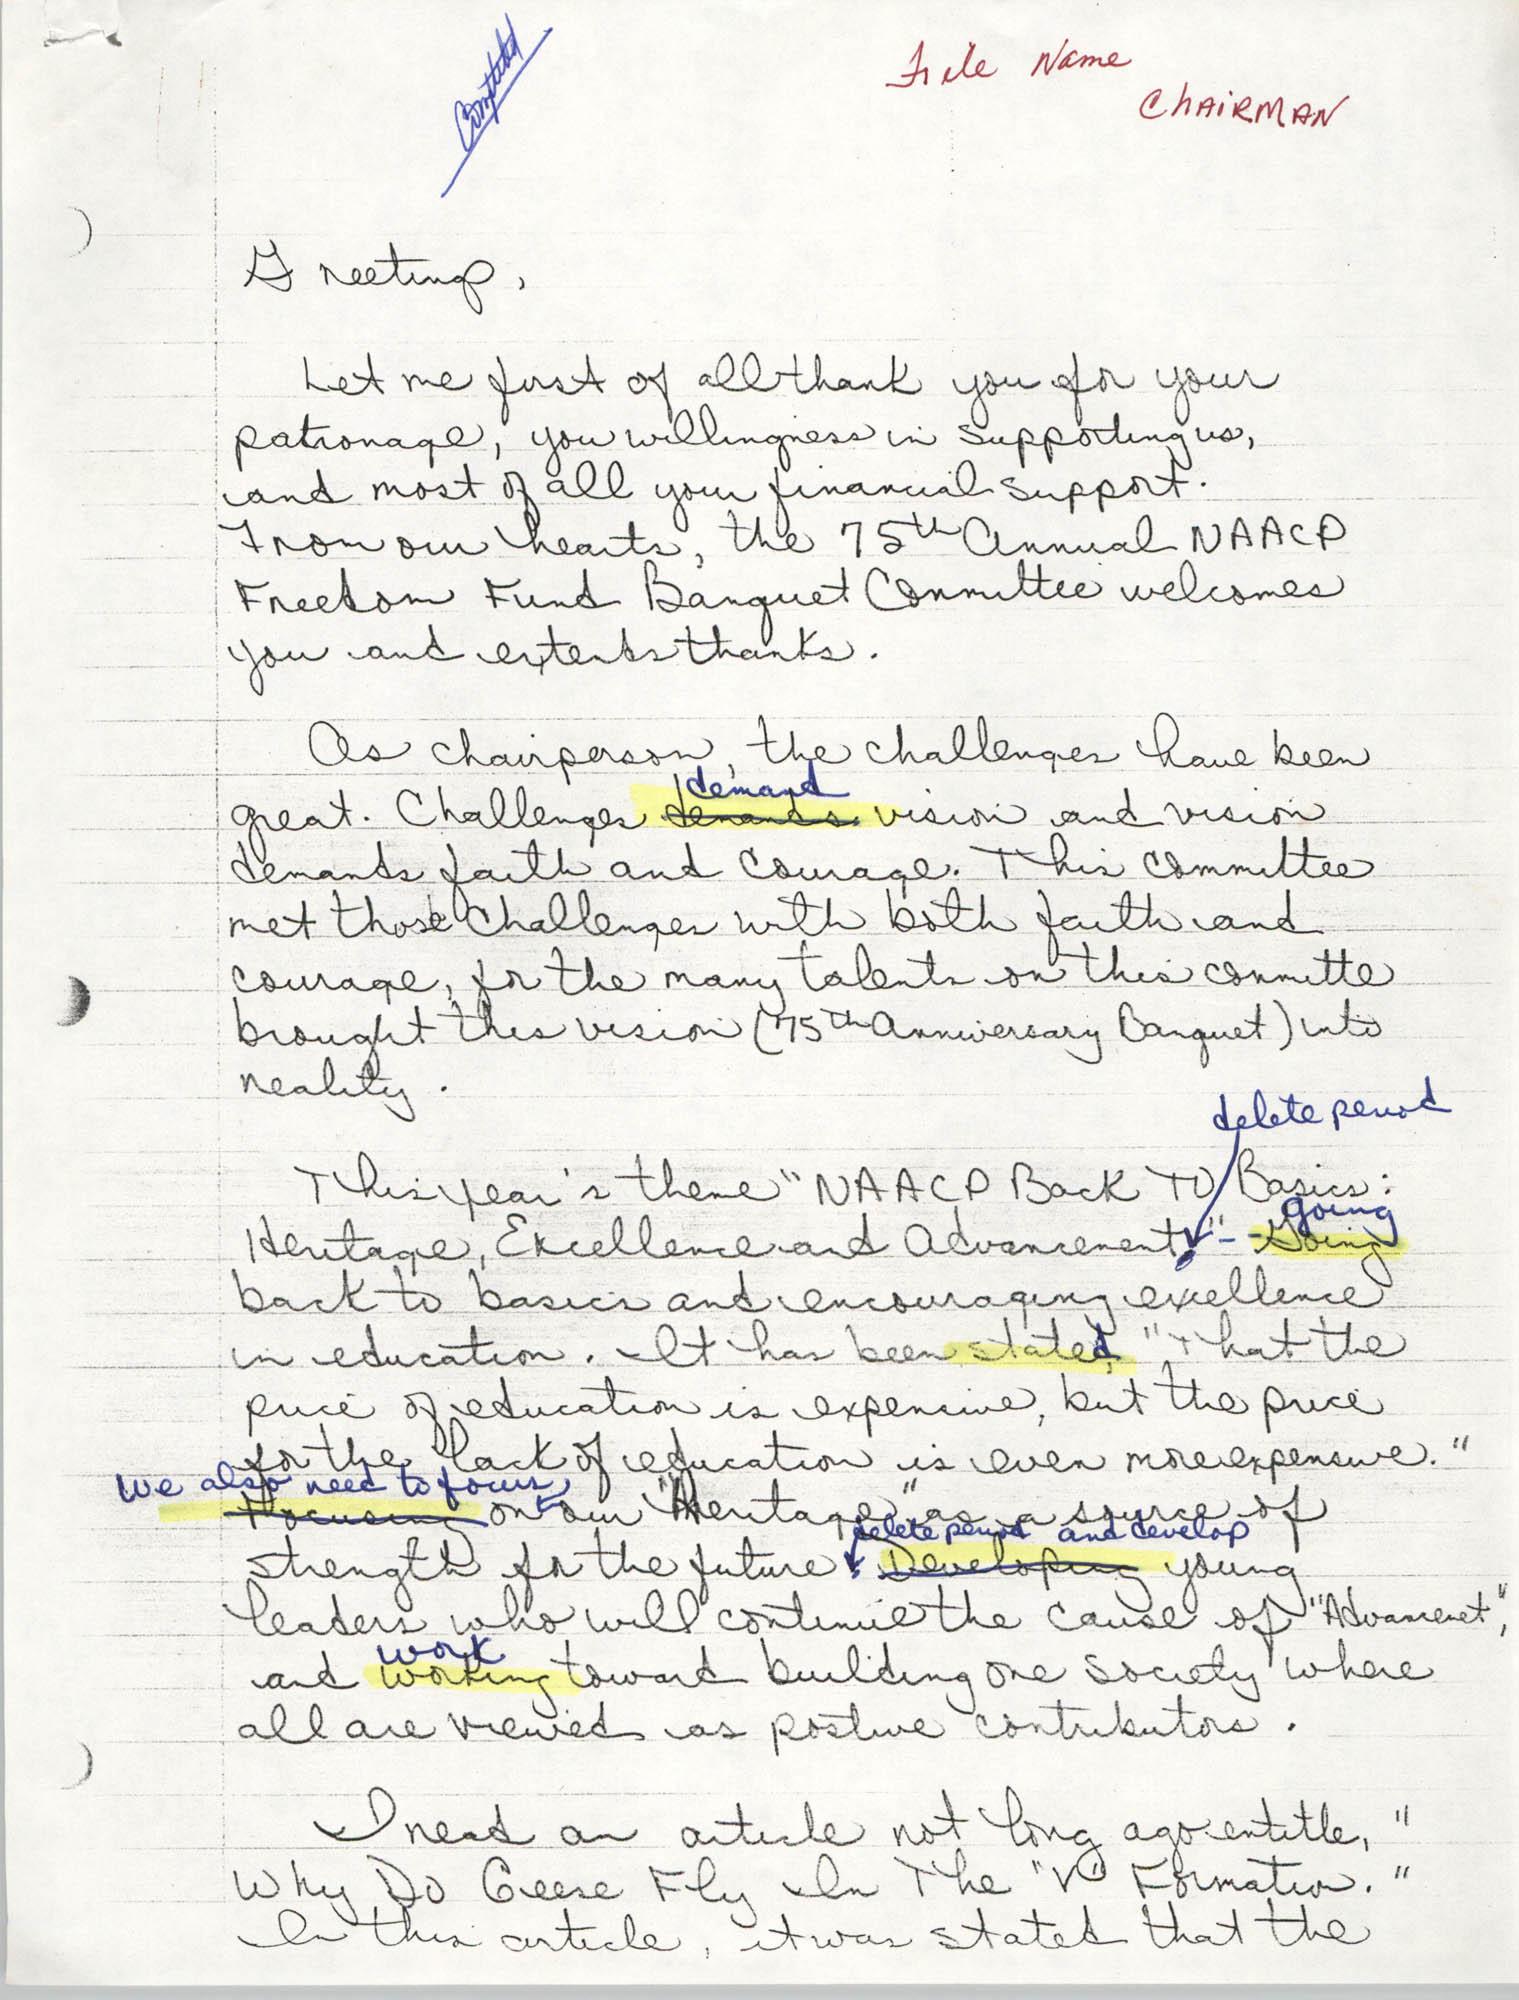 Draft, Handwritten Speech, 1991 Freedom Fund Banquet, David Coleman